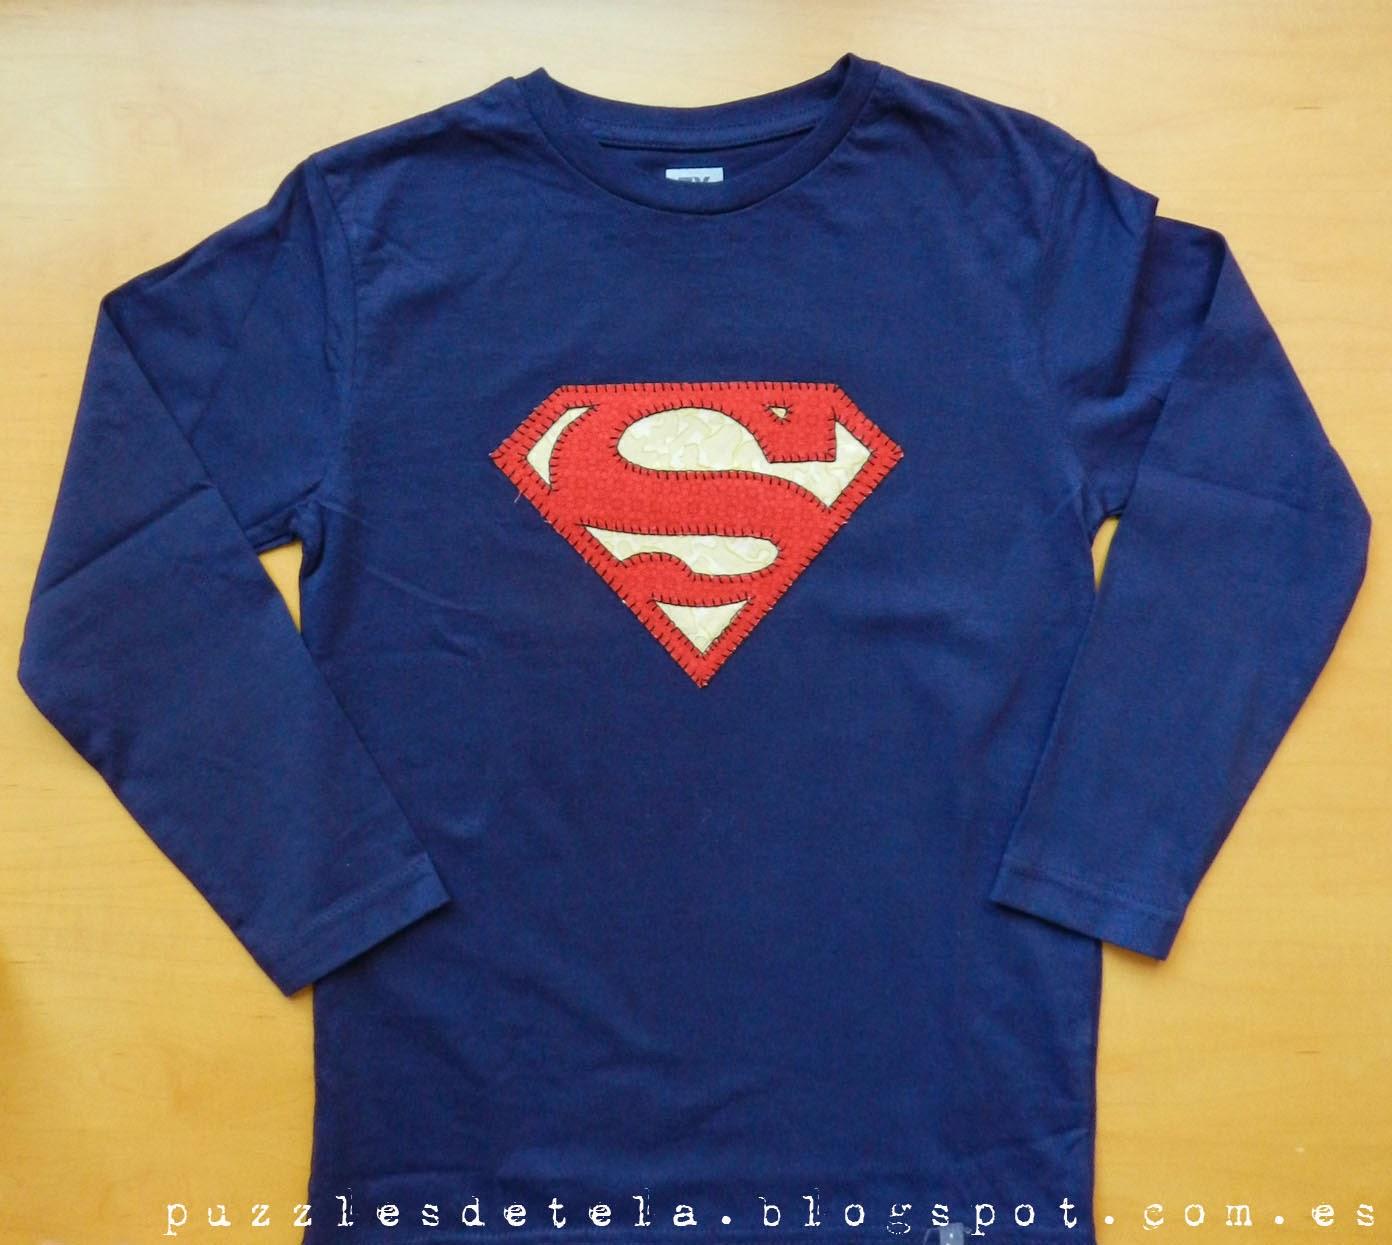 Salón del cómic, Salón del cómic Zaragoza, patchwork, camisetas patchwork, camisetas niño, ropa infantil, camiseta Superman, Superman, Camiseta Superman patchwork, aplicaciones